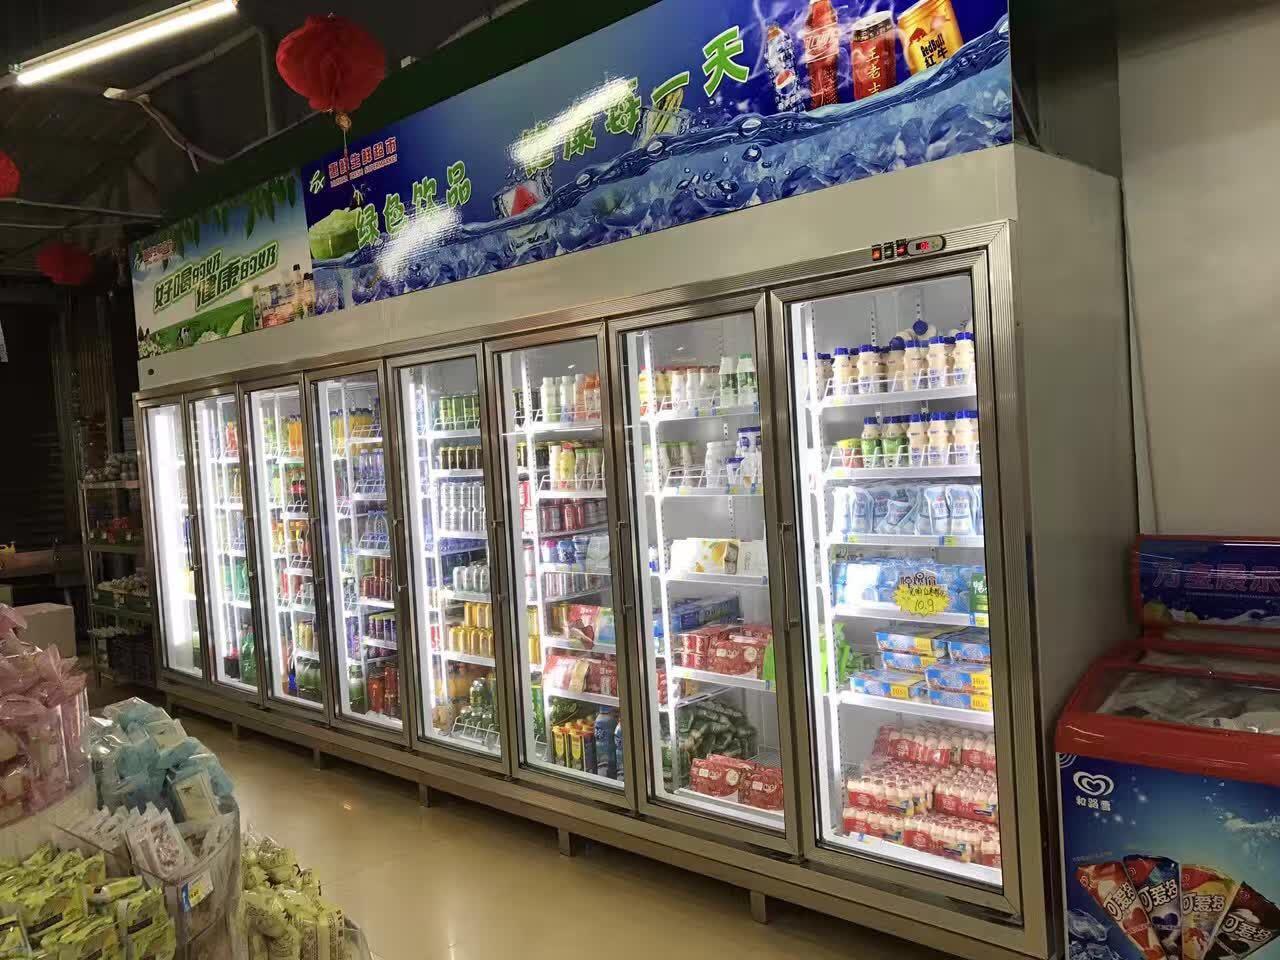 四川饮料柜品牌/成都食品保鲜柜几多钱/成都市绿峰制冷设置装备摆设无限公司